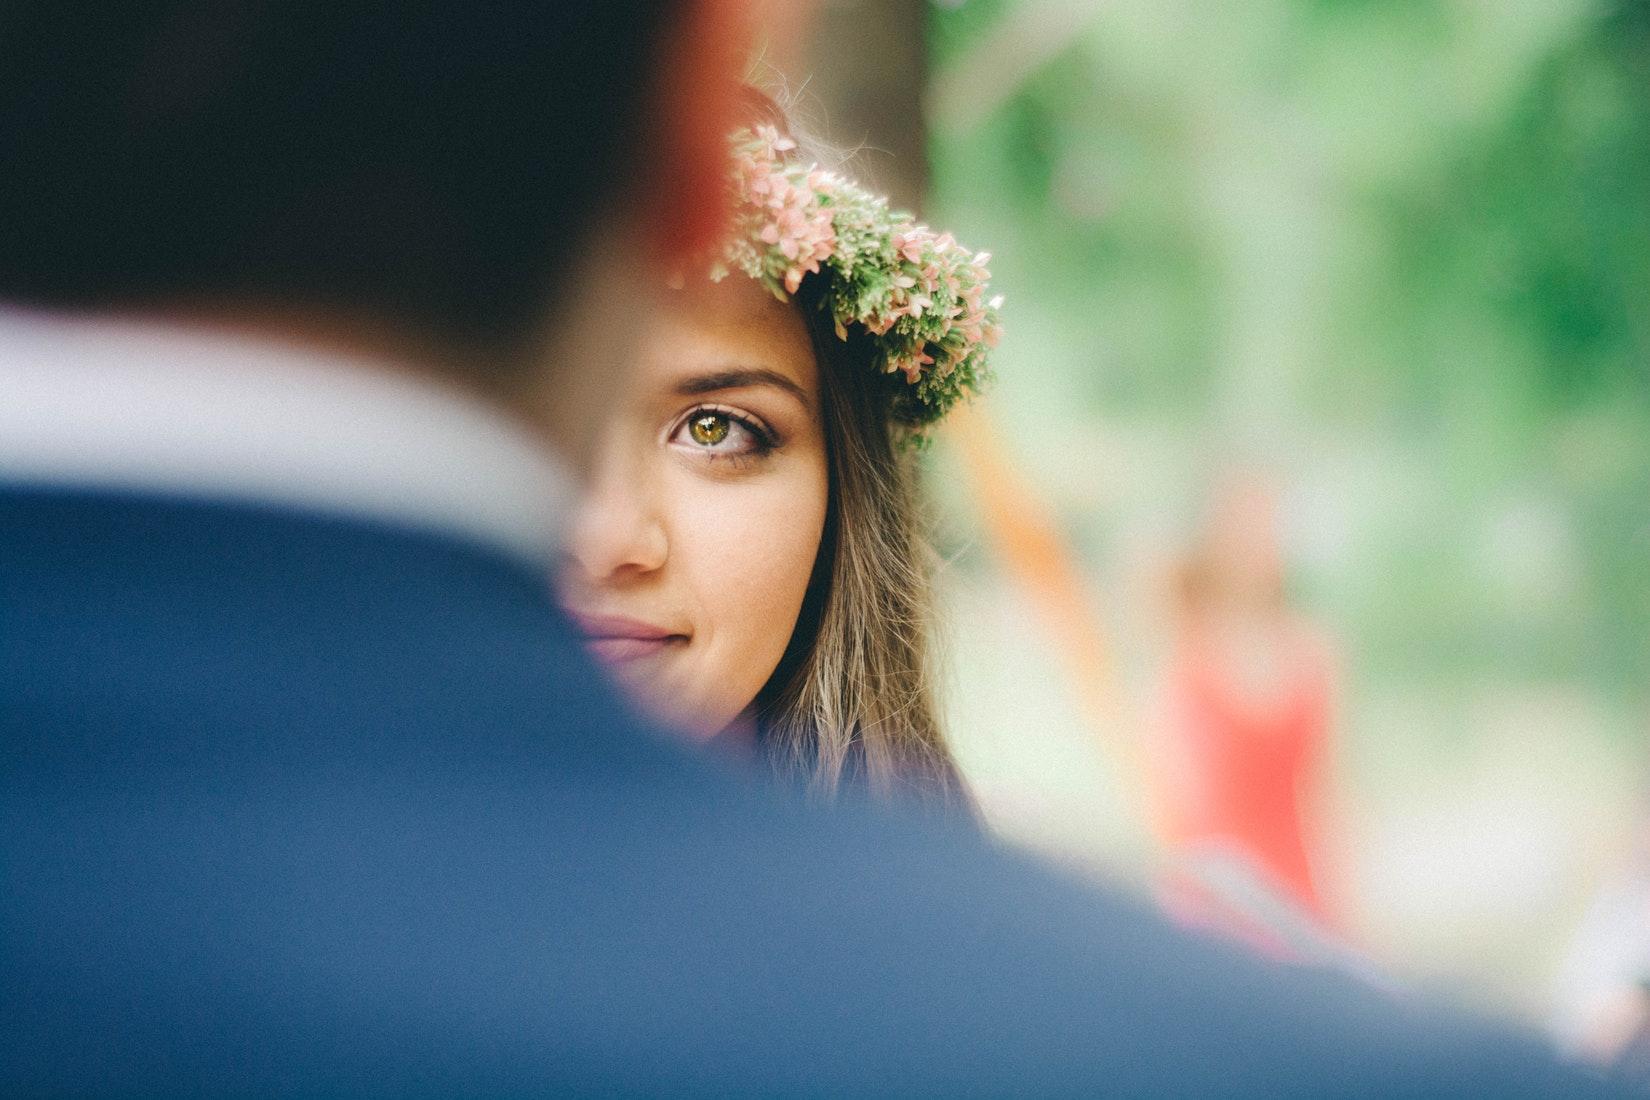 kiedy najlepiej urządzić wesele?